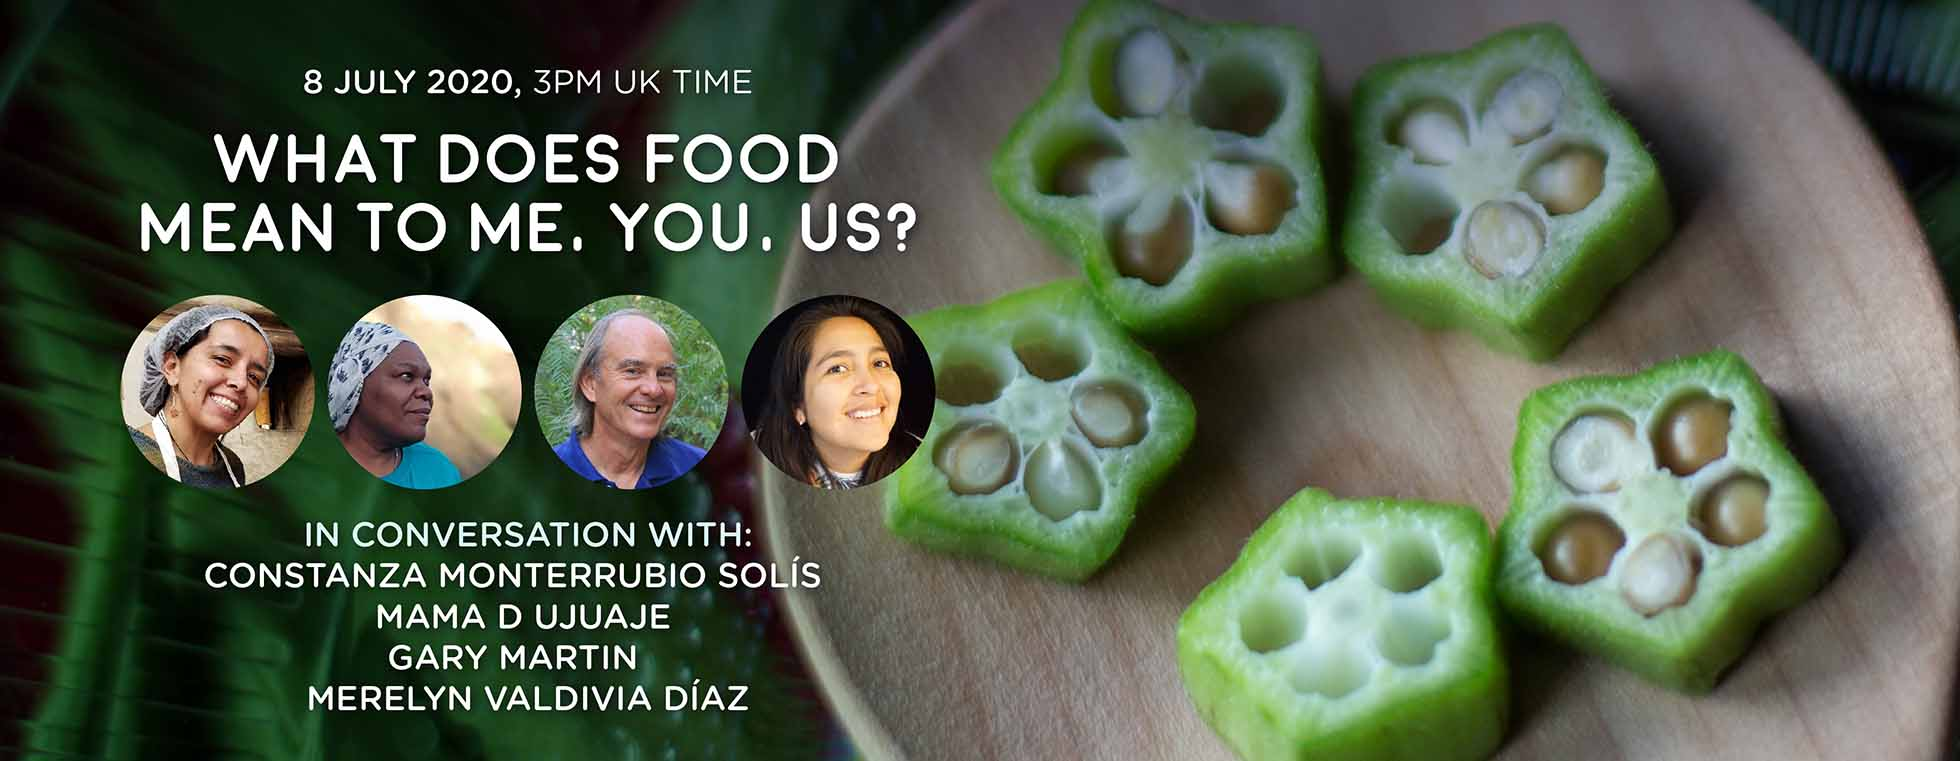 Food Landscape poster 4